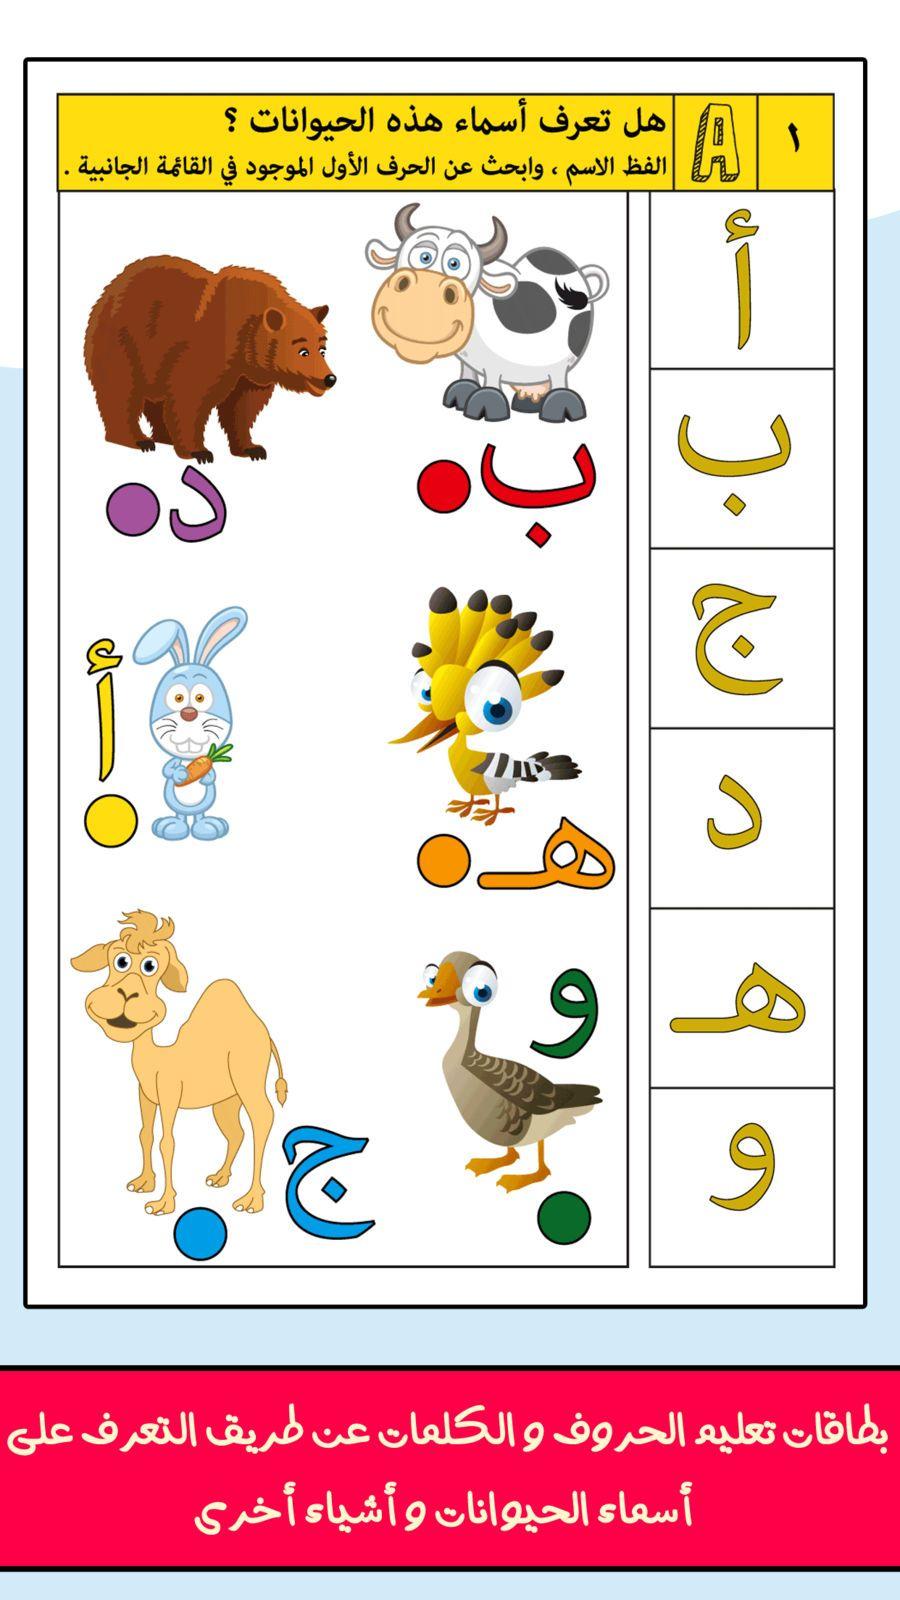 برنامج مدرسة و روضة تعليم الاطفال المجاني تعلم و العب حروف و كلمات العاب تعليمية Arabic Alphabet For Kids Islamic Kids Activities Fun Worksheets For Kids